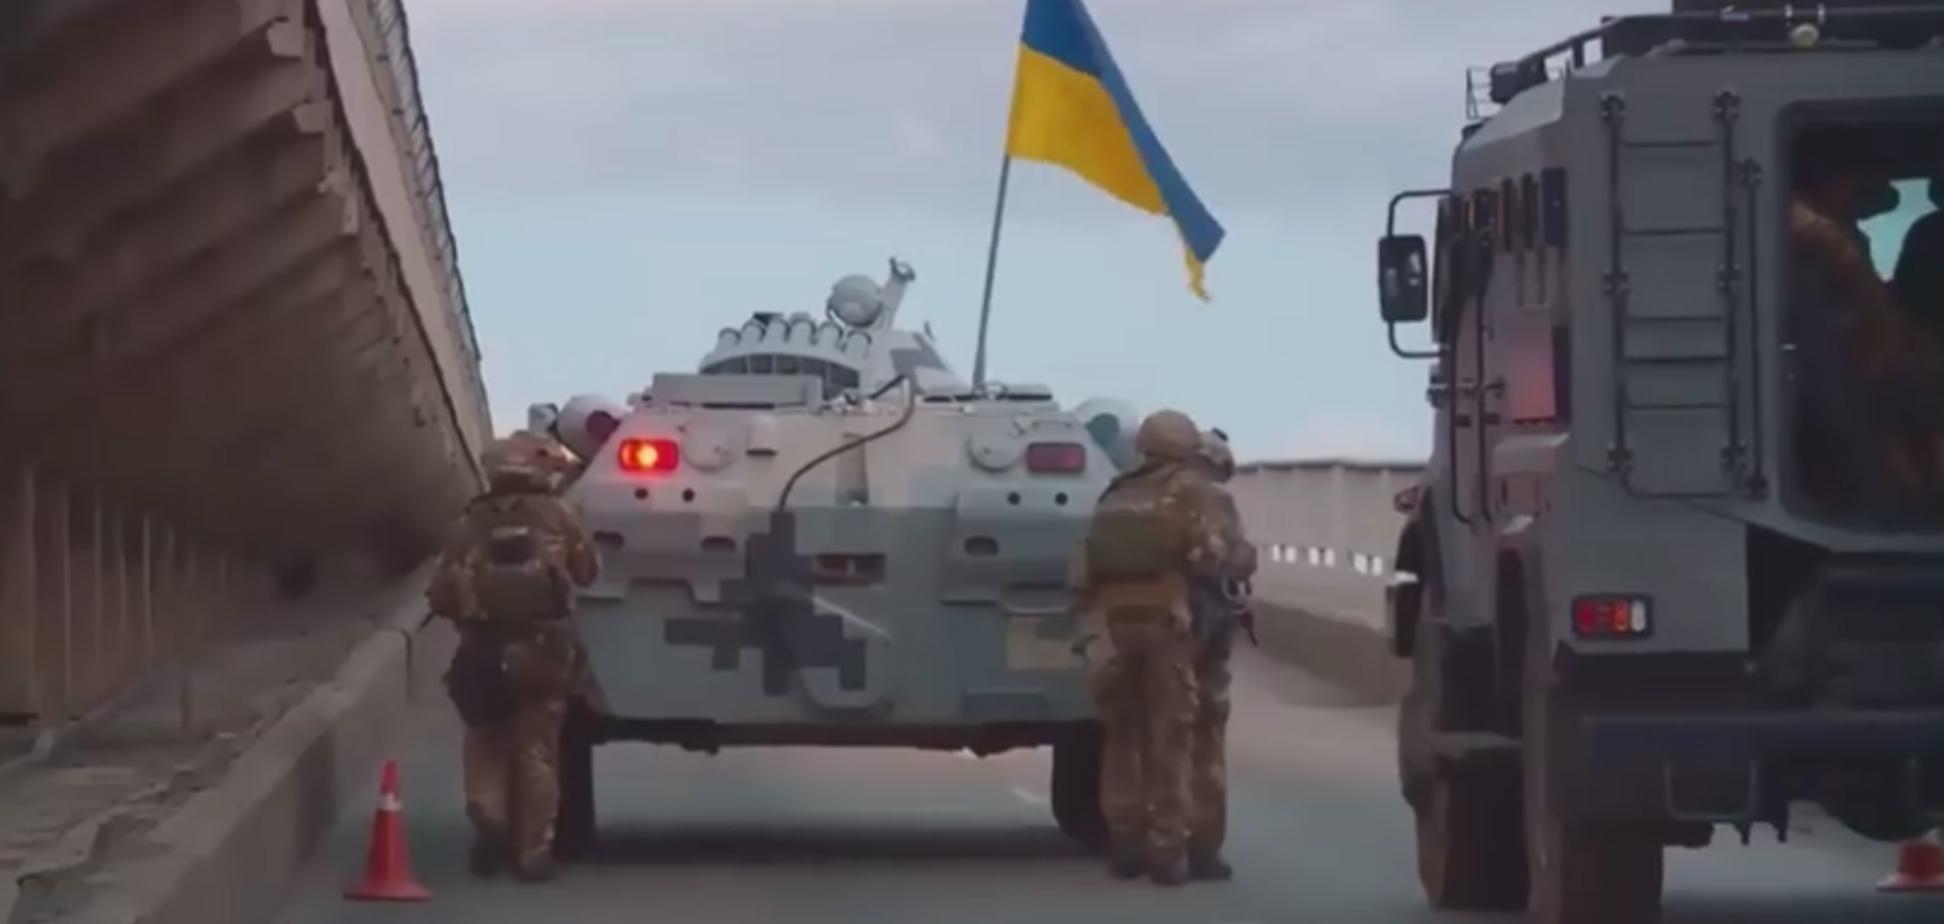 'Захоплення' Метро: з'явилося повне відео спецоперації на мосту в Києві